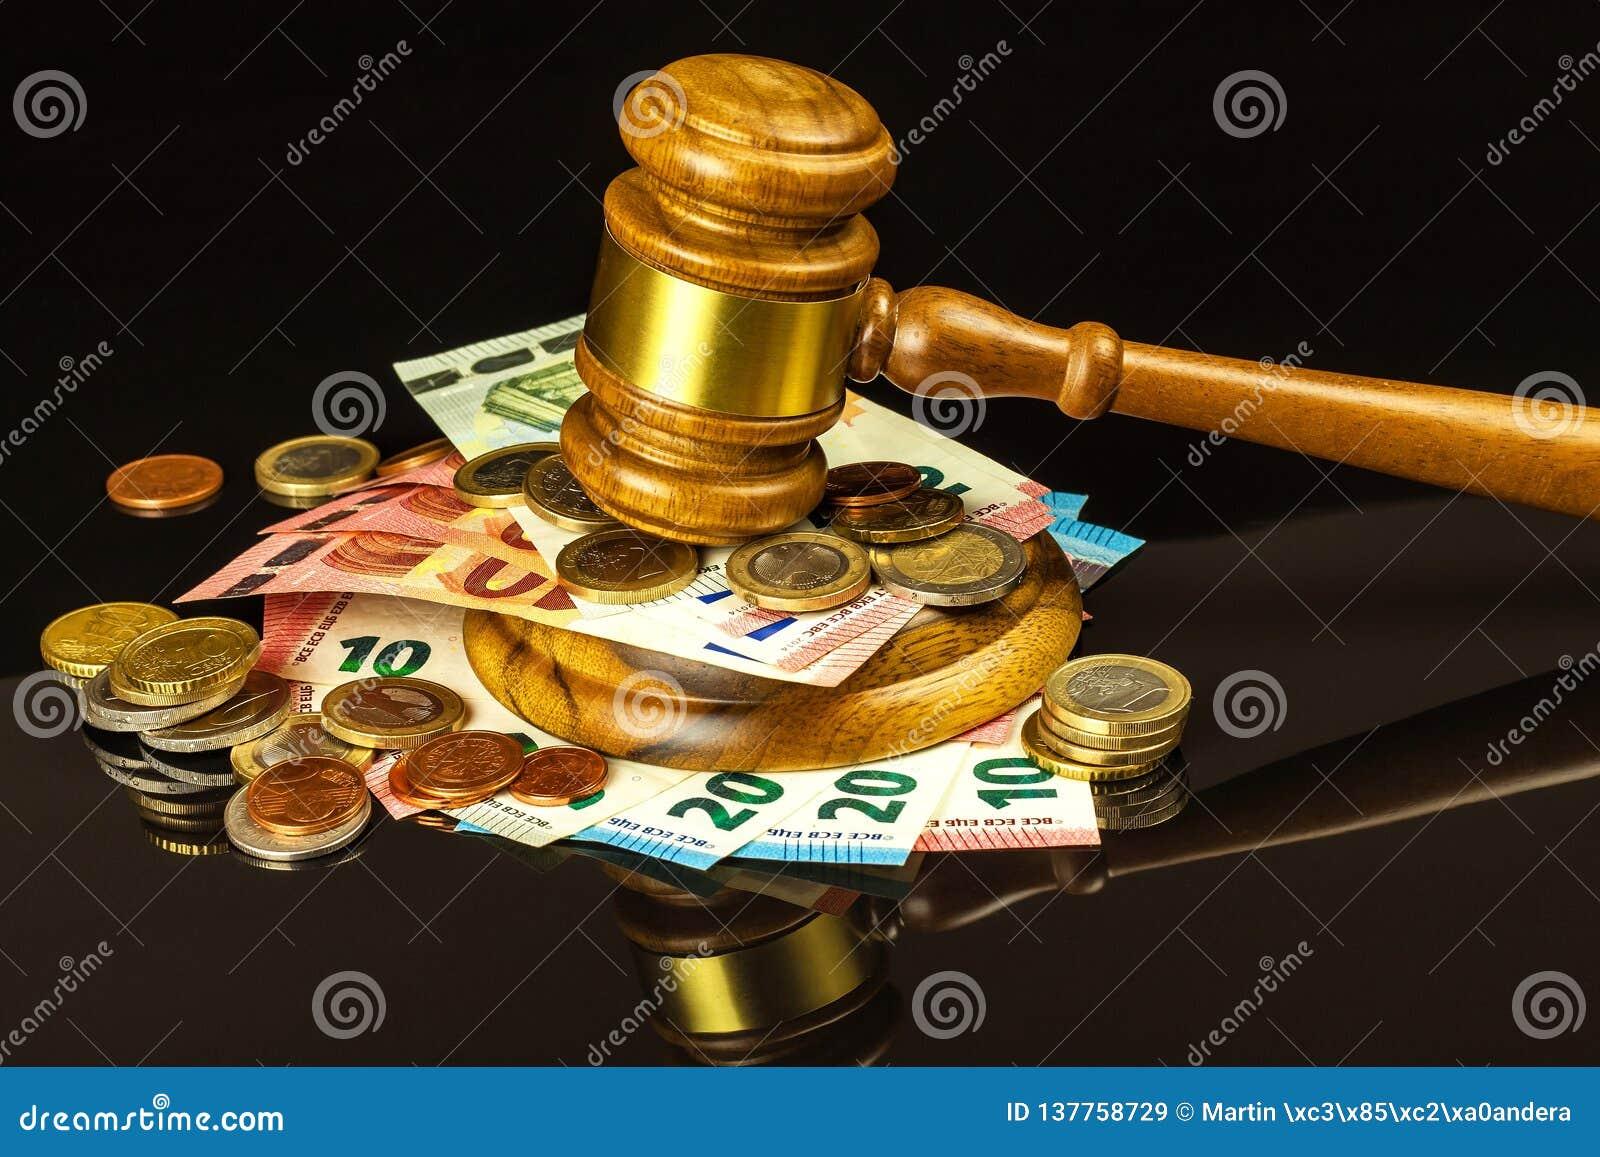 Een steekpenning voor het gerecht Corruptie in rechtvaardigheid Het beoordelen van hamer en euro bankbiljetten Oordeel voor geld